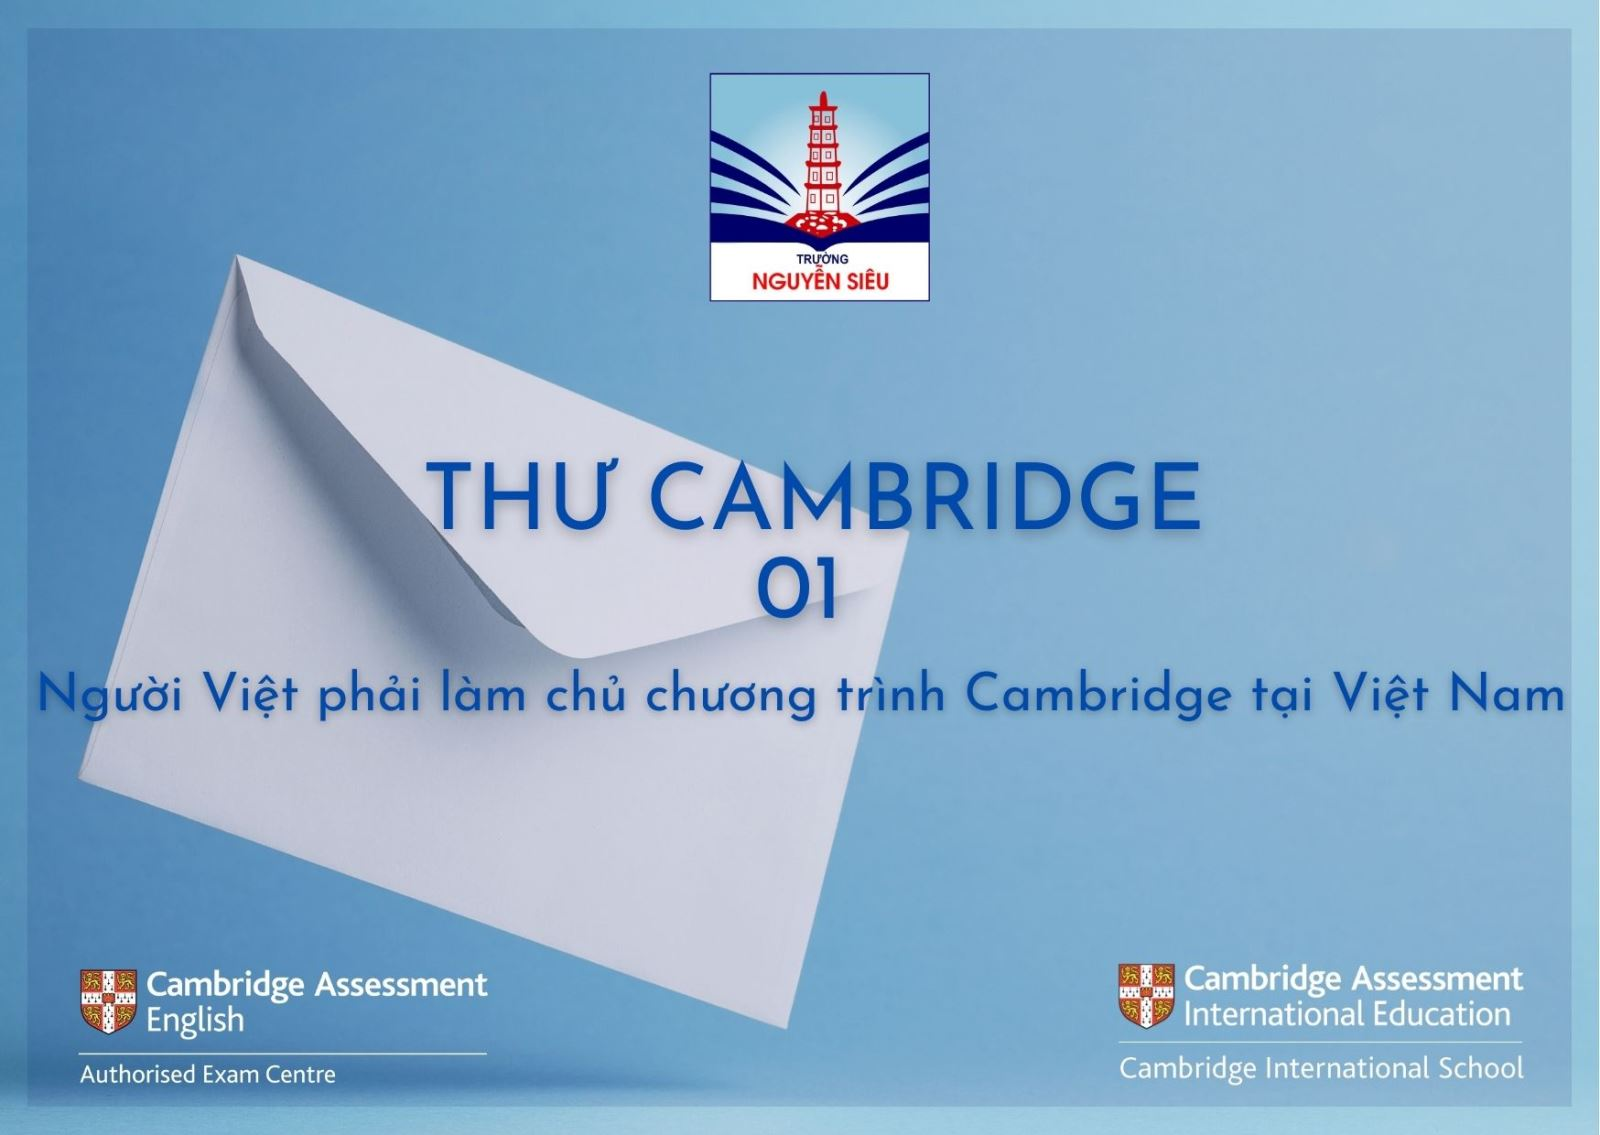 Người Việt phải làm chủ chương trình Cambridge tại Việt Nam